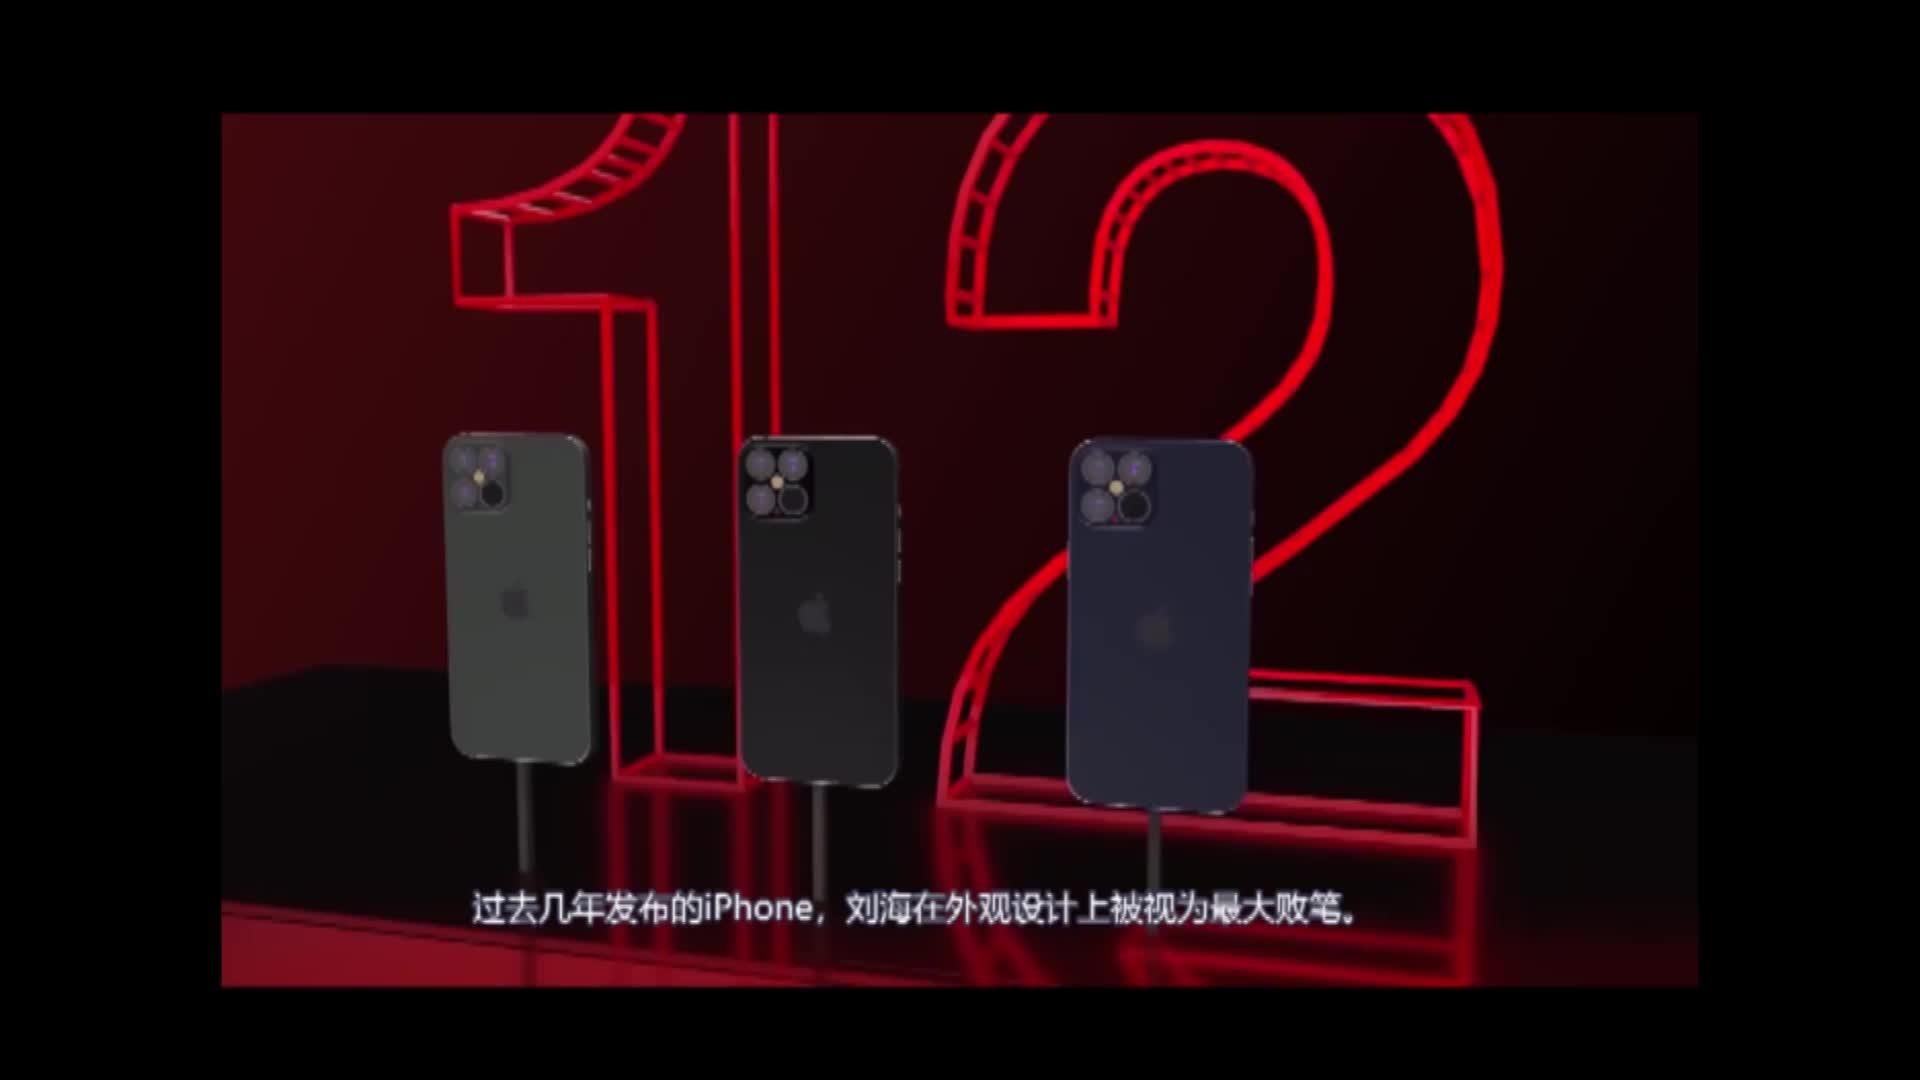 这才是最帅的iPhone12概念机,看完我觉得iPhone11买早了